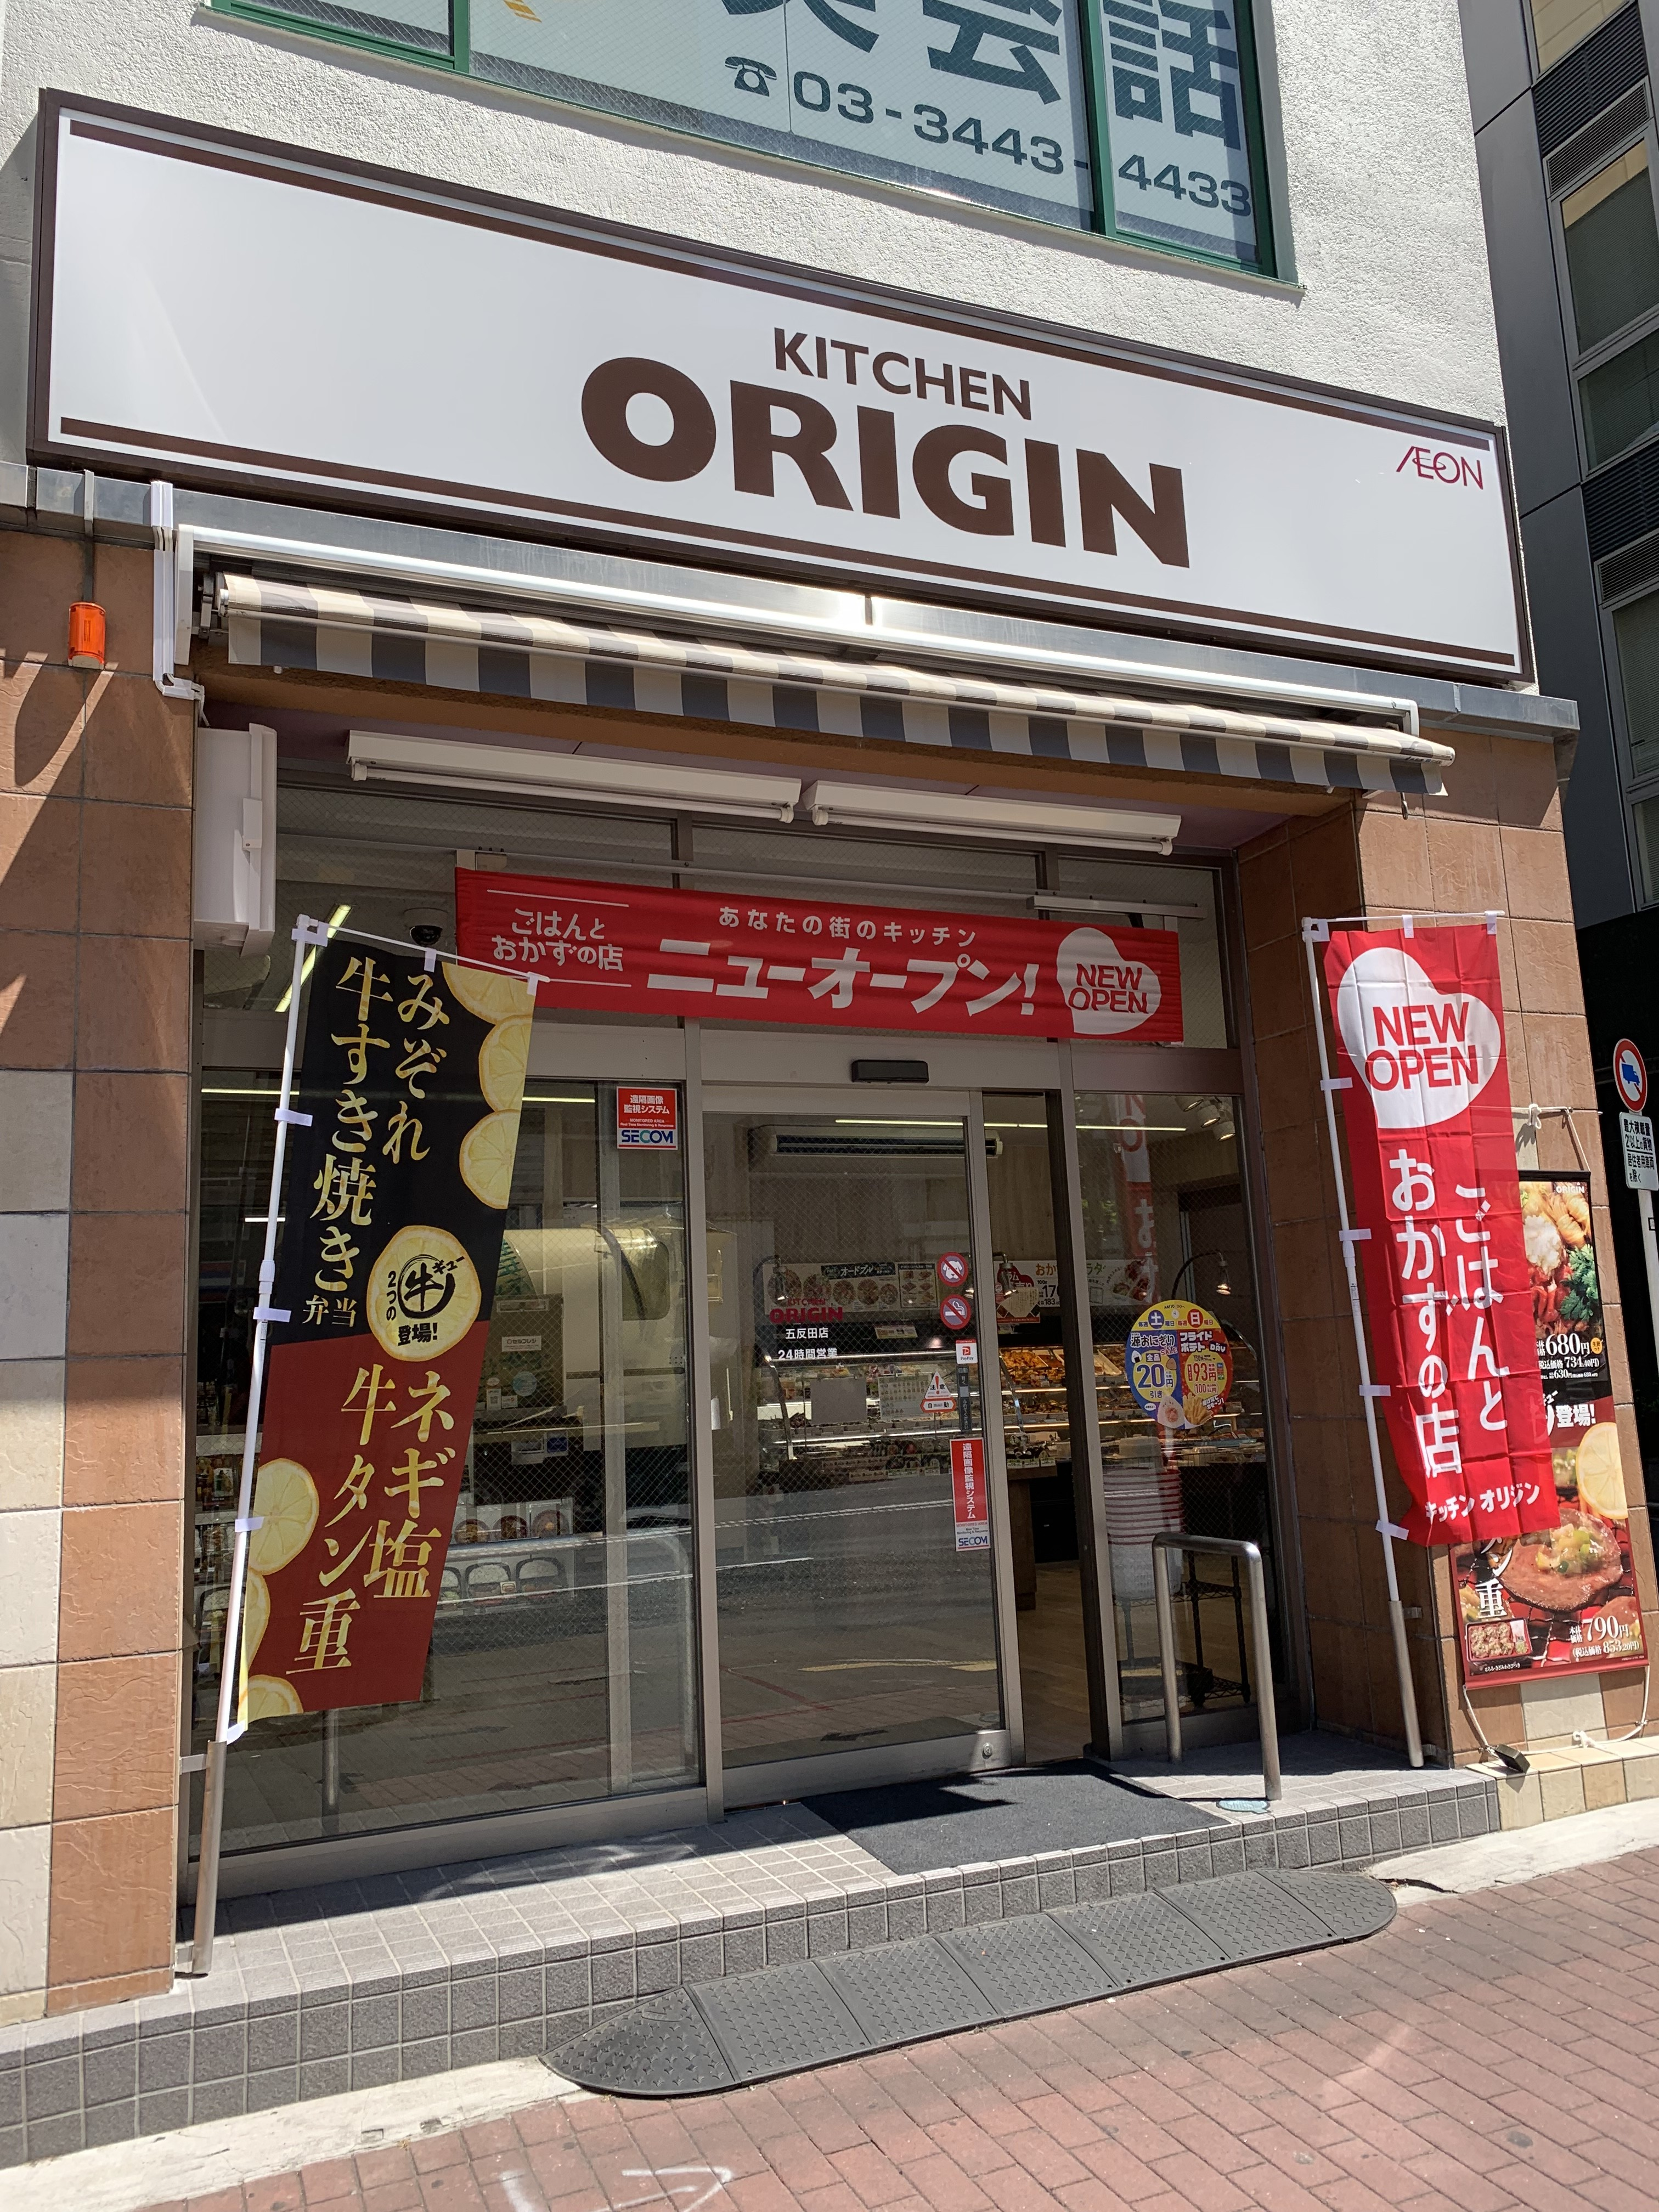 【五反田】キッチンオリジン/東五反田ソニー通り沿い、24時間営業の弁当屋。総菜も弁当も前店舗からパワーアップ。